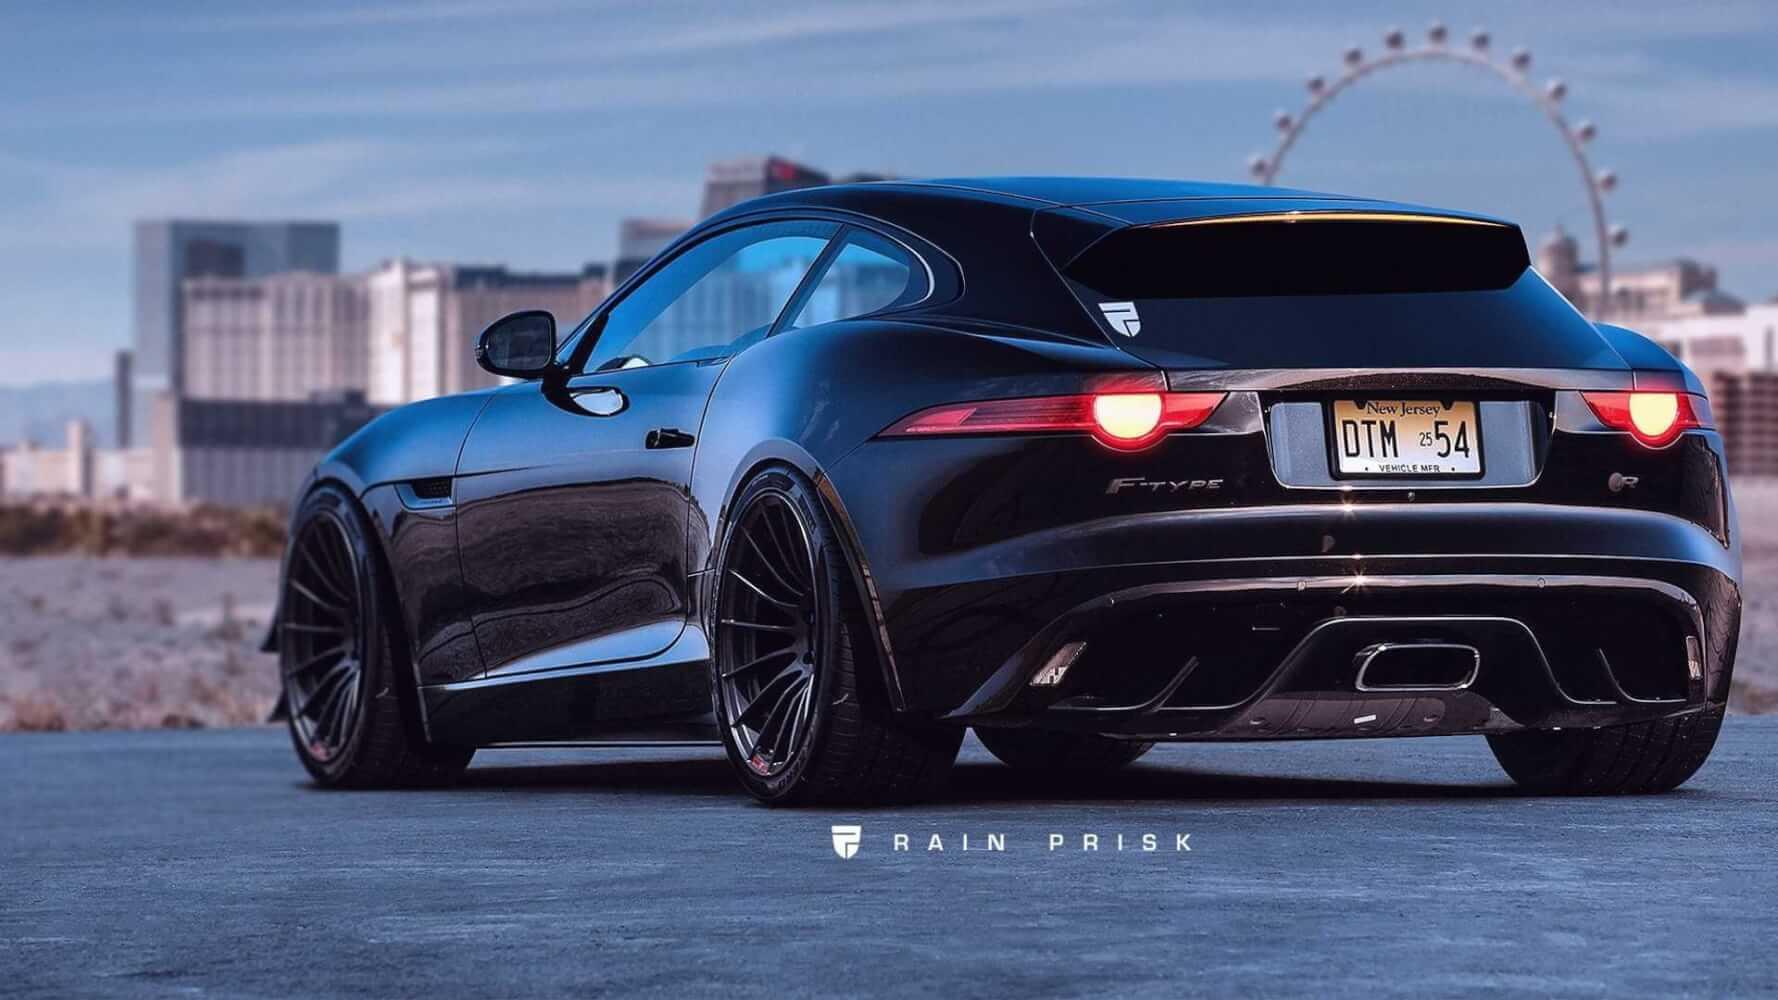 Спорткар от Jaguar, трансмиссия для лучшей управляемости Porsche, летающее такси Lilium Jet: транспортные технологии в новом году